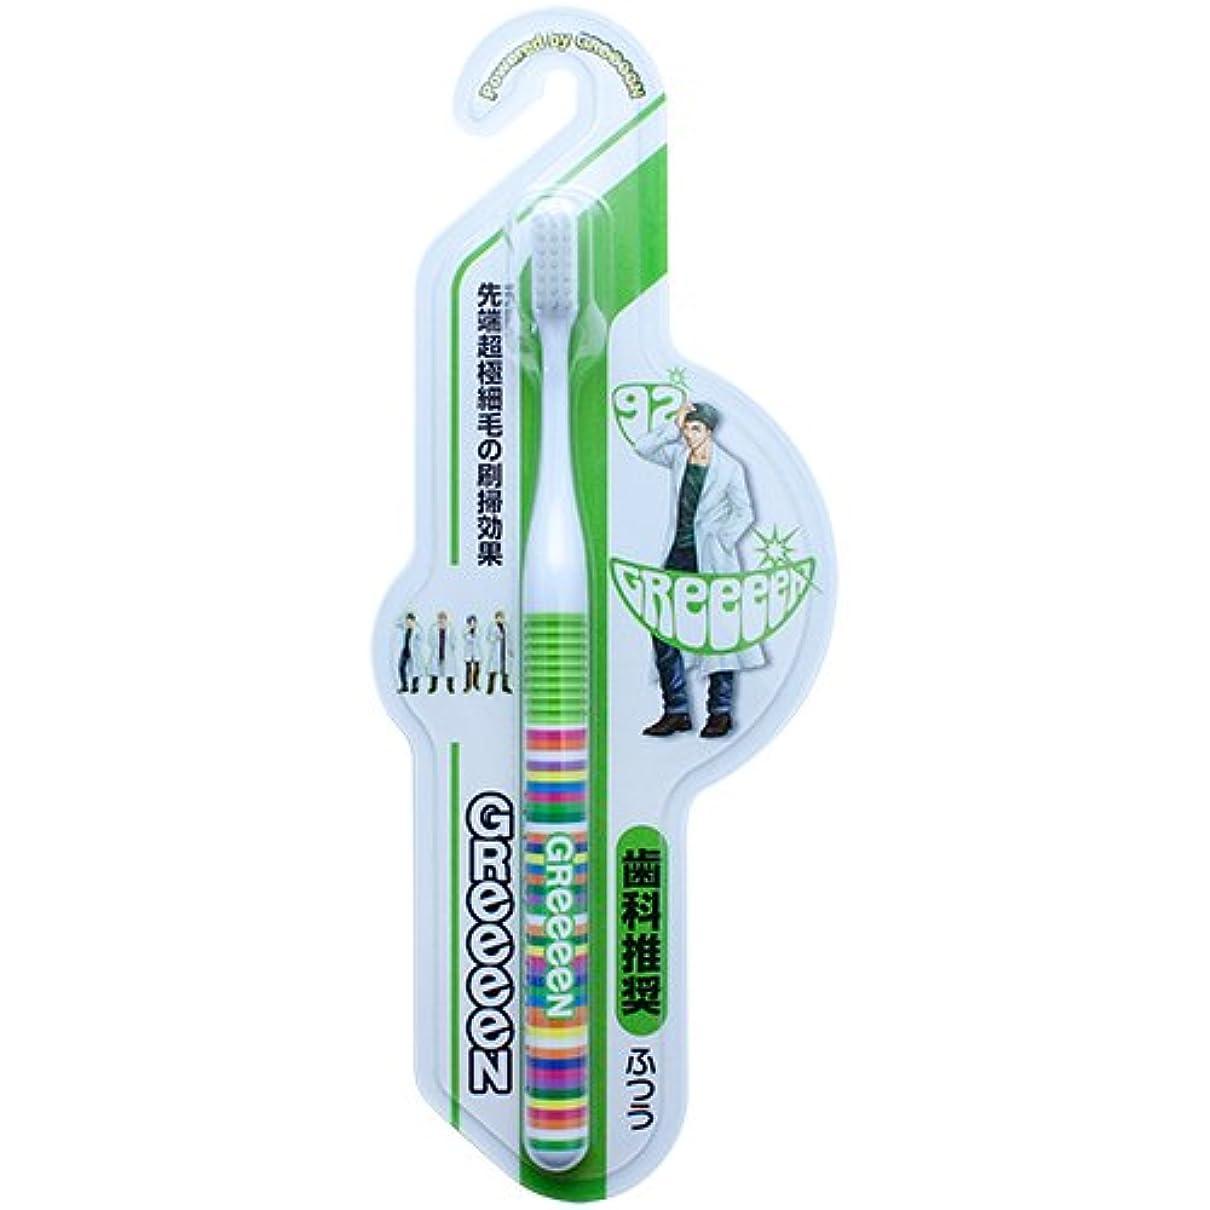 リスナー運命的な悪のGReeeeN 3列ヘッドラバーグリップ超極細毛歯ブラシ SIRO 92 1本